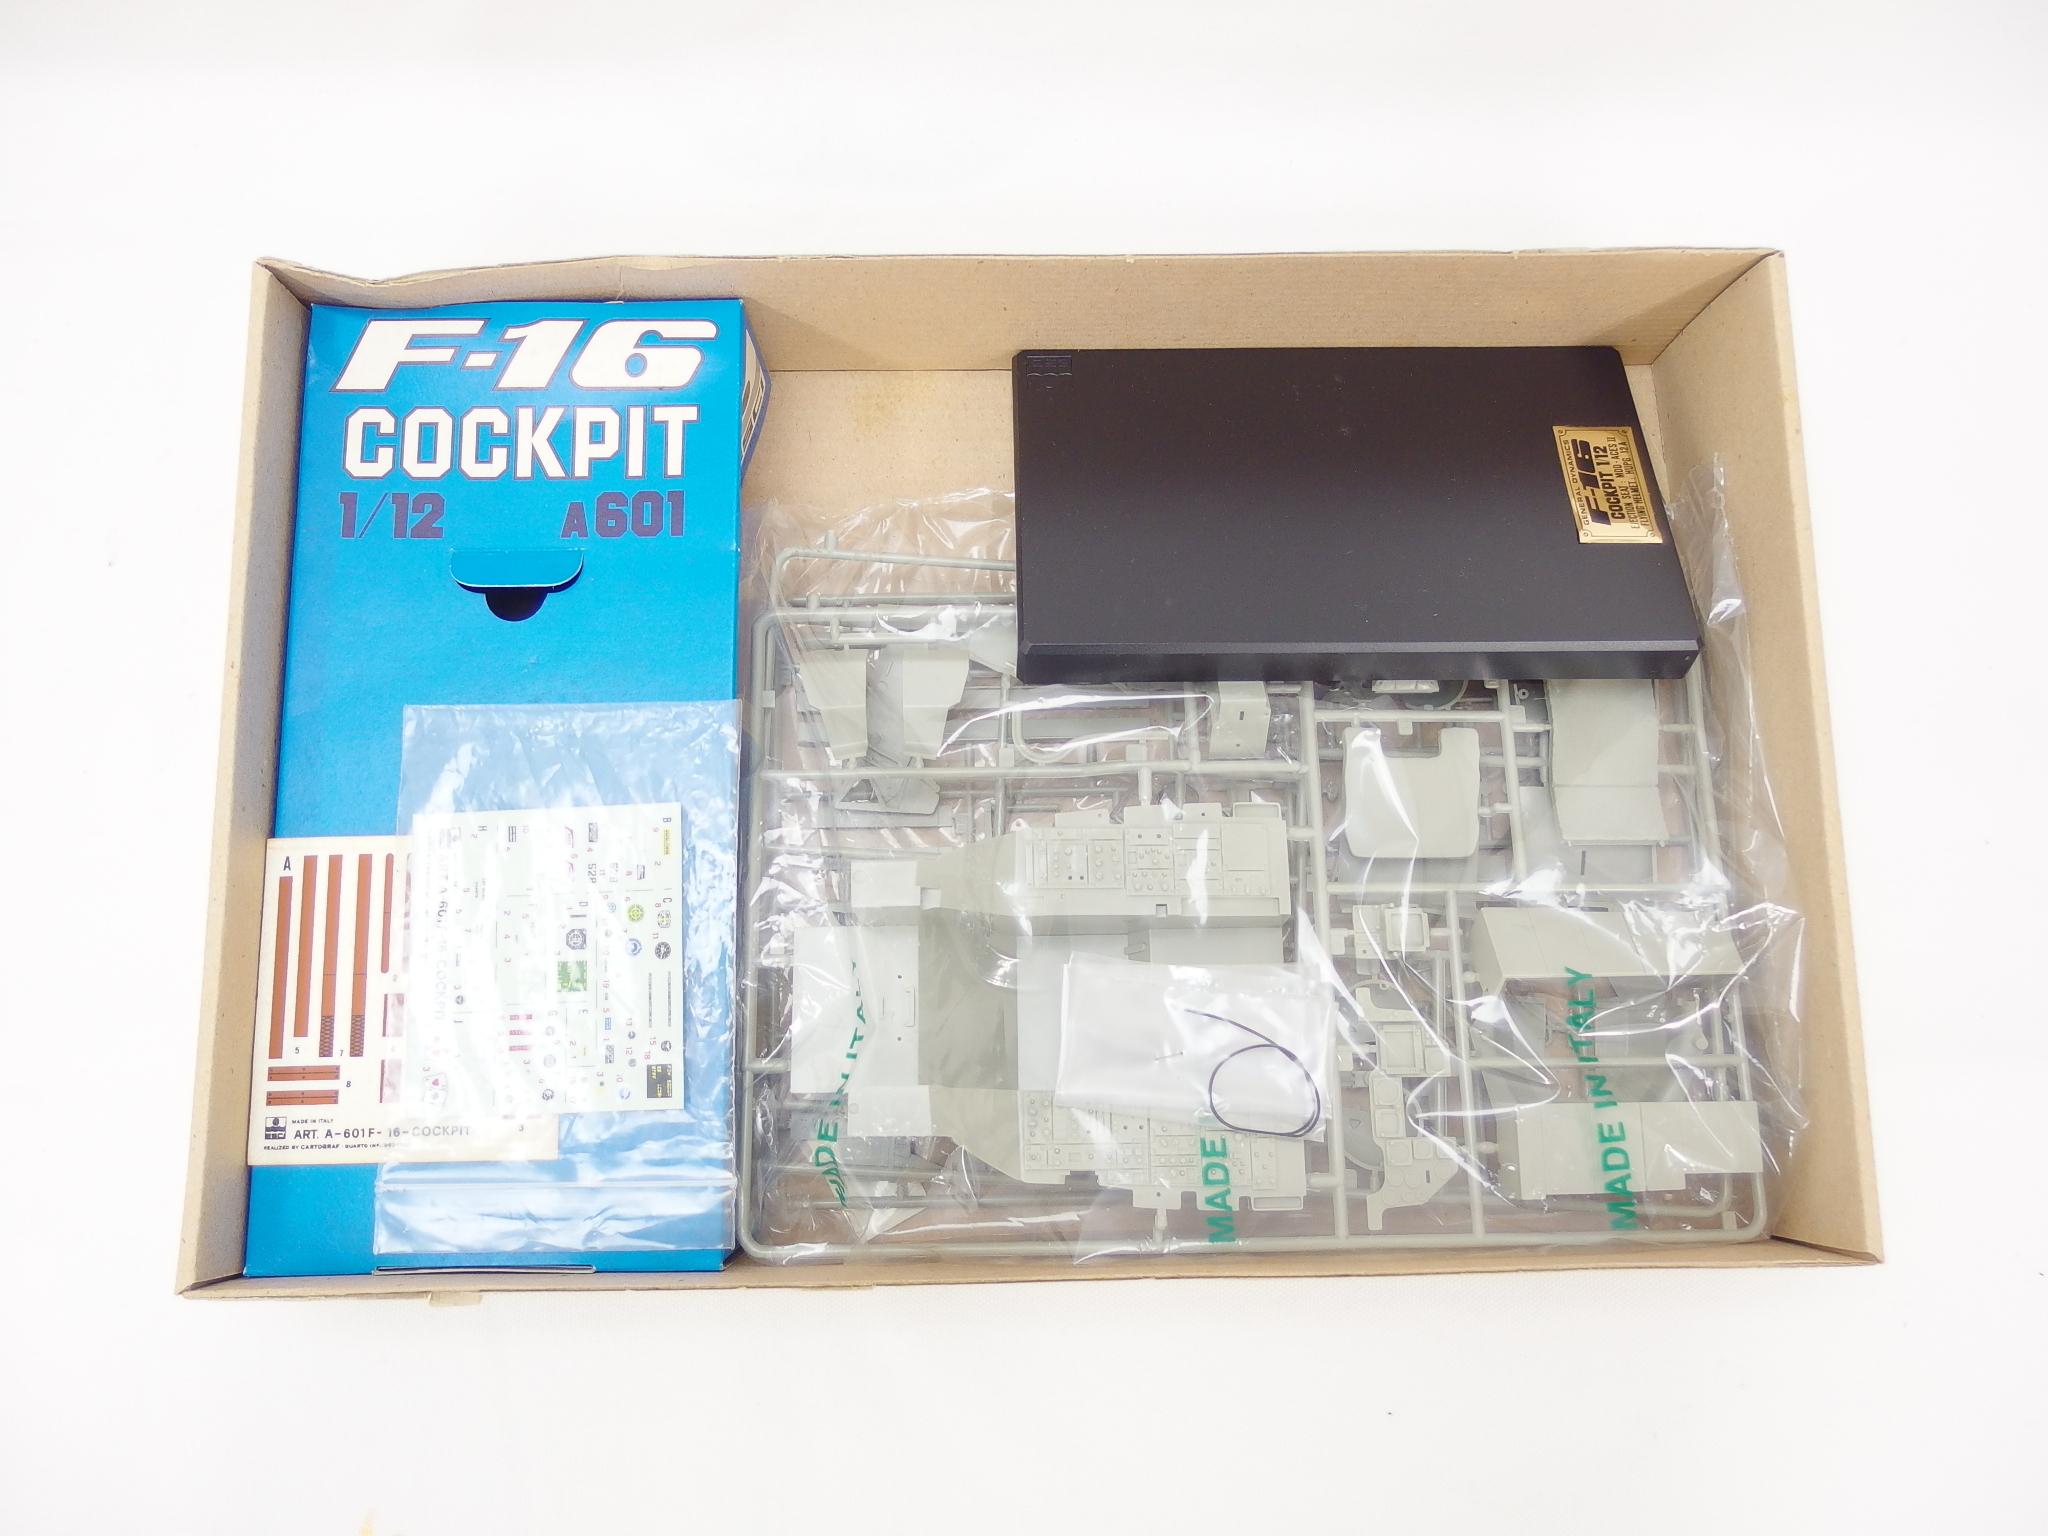 エッシー 1/12スケール F-16 コックピット